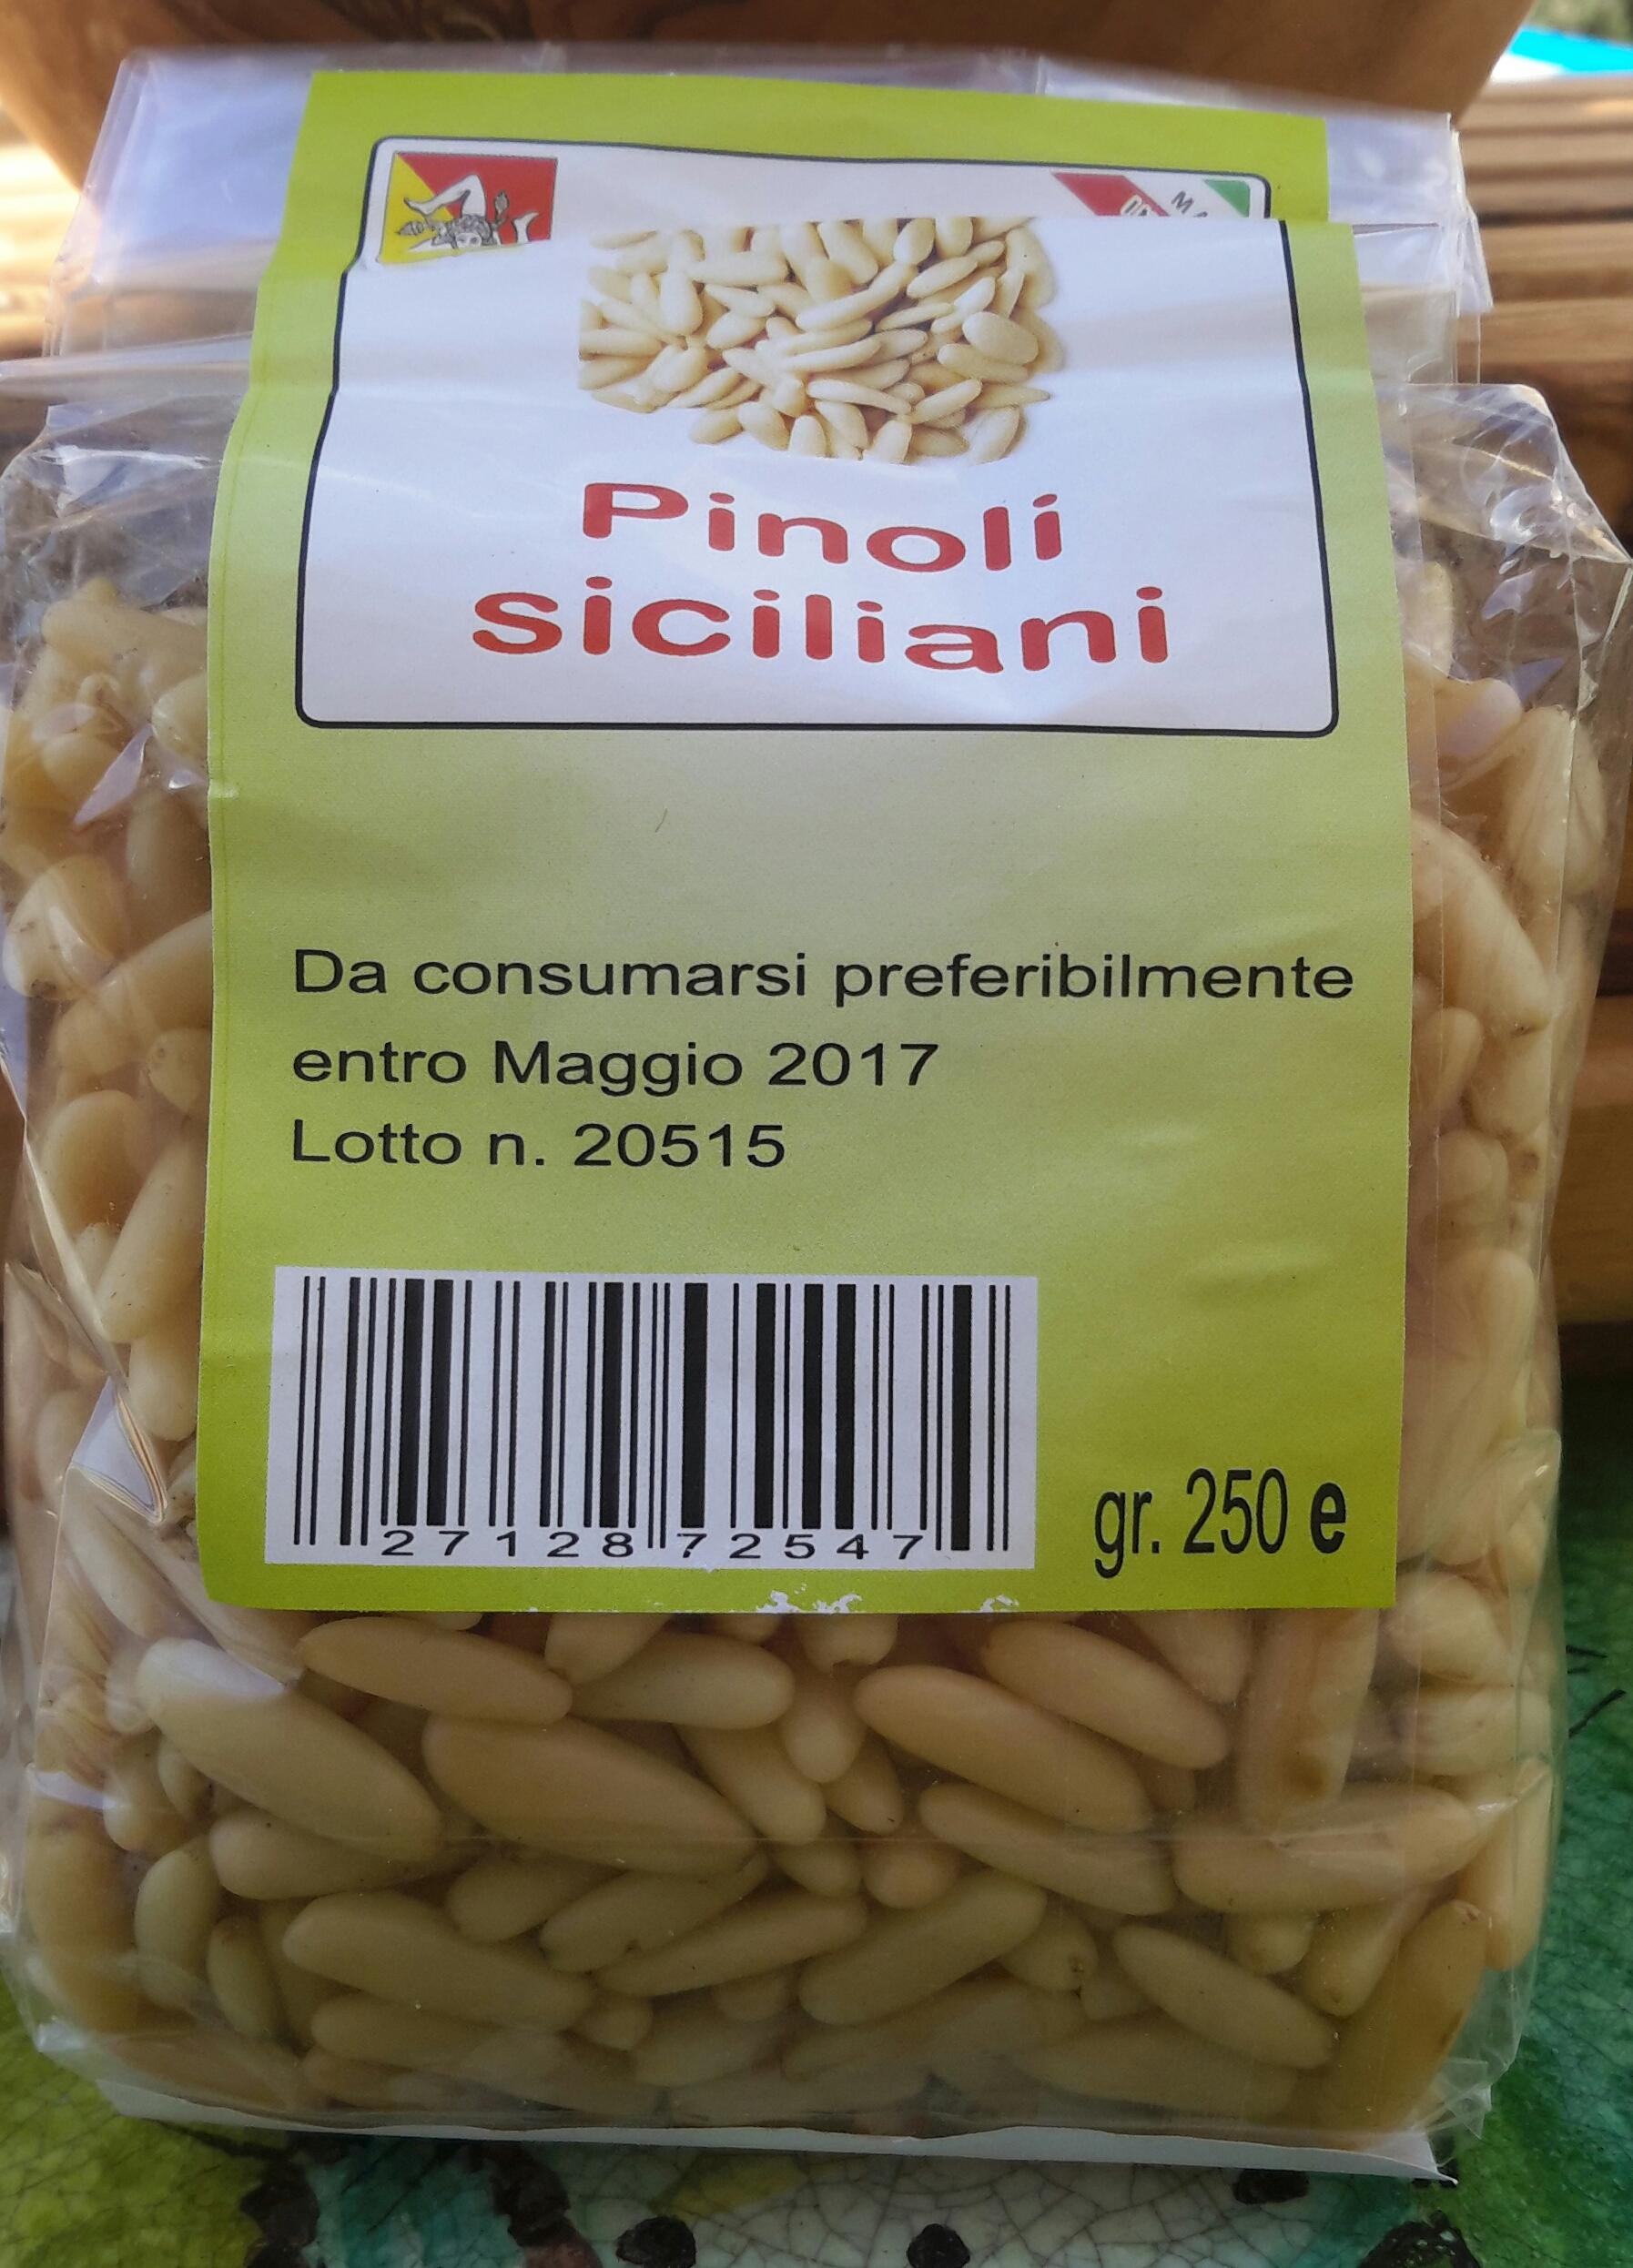 PIGNONS  Siciliani